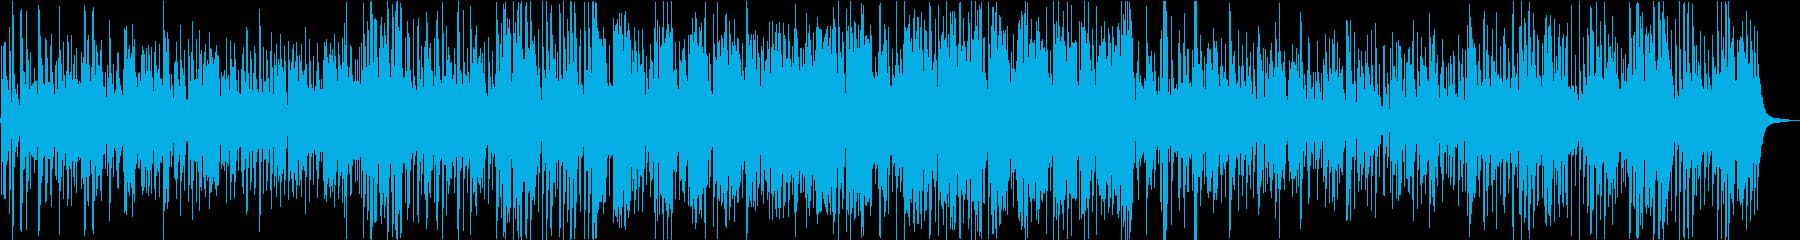 ゆったり爽やかなアコースティックジャズの再生済みの波形